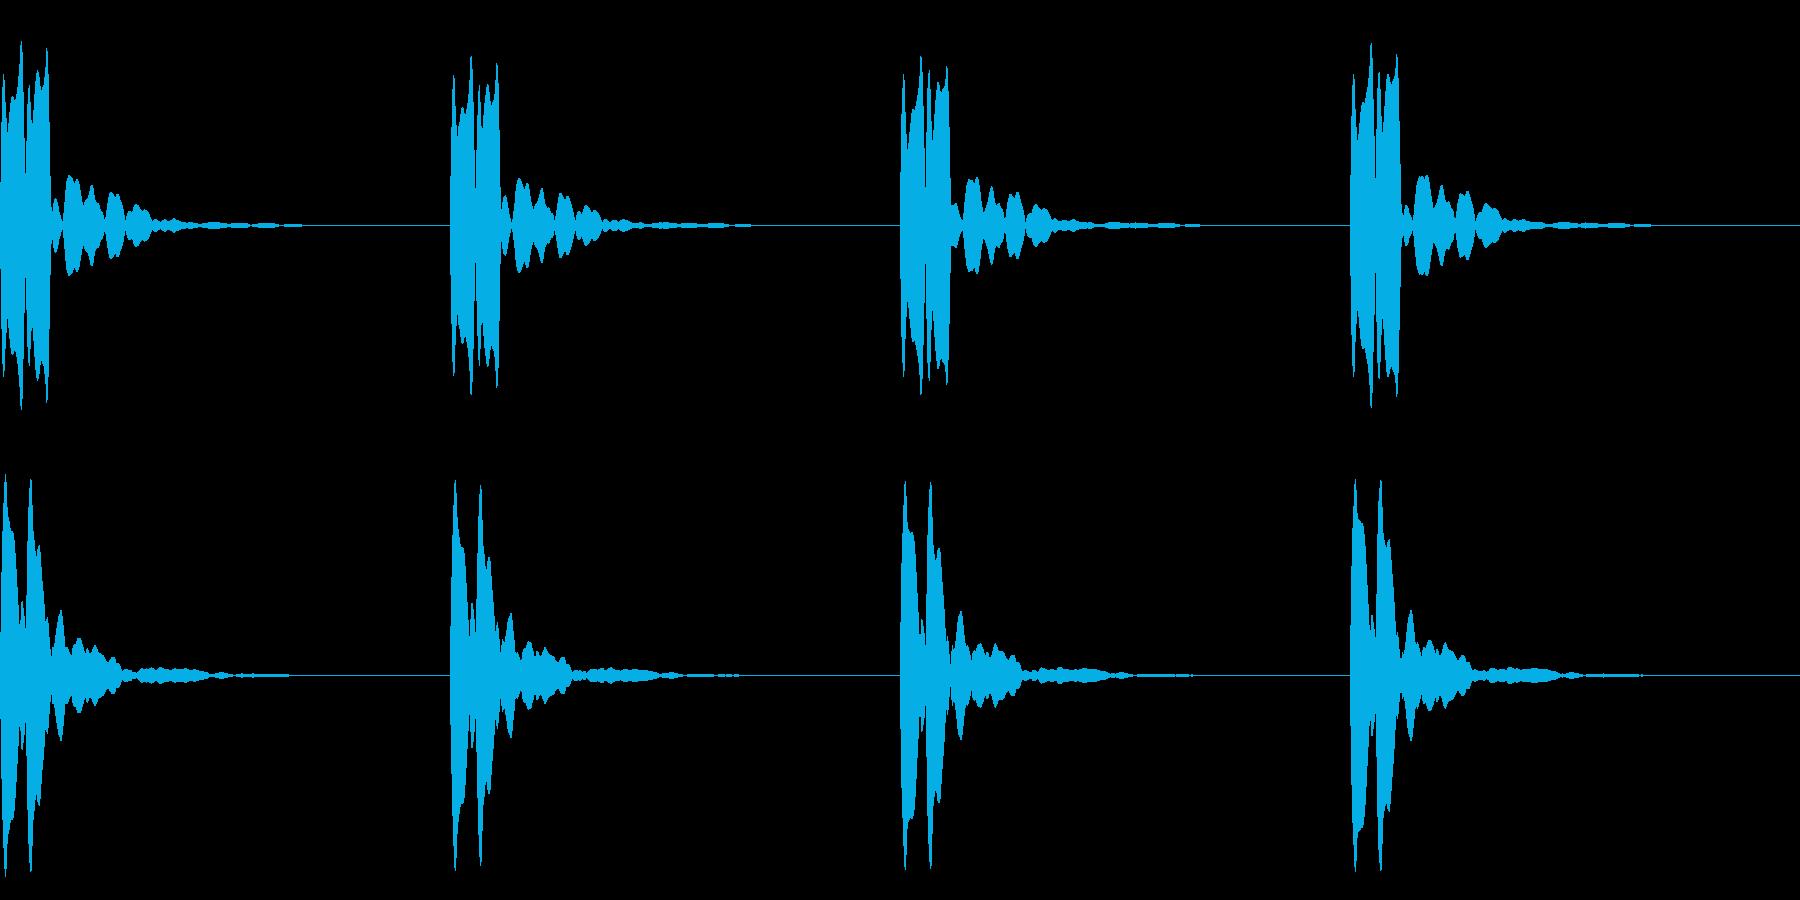 横断歩道 誘導音03-3(ループ) の再生済みの波形